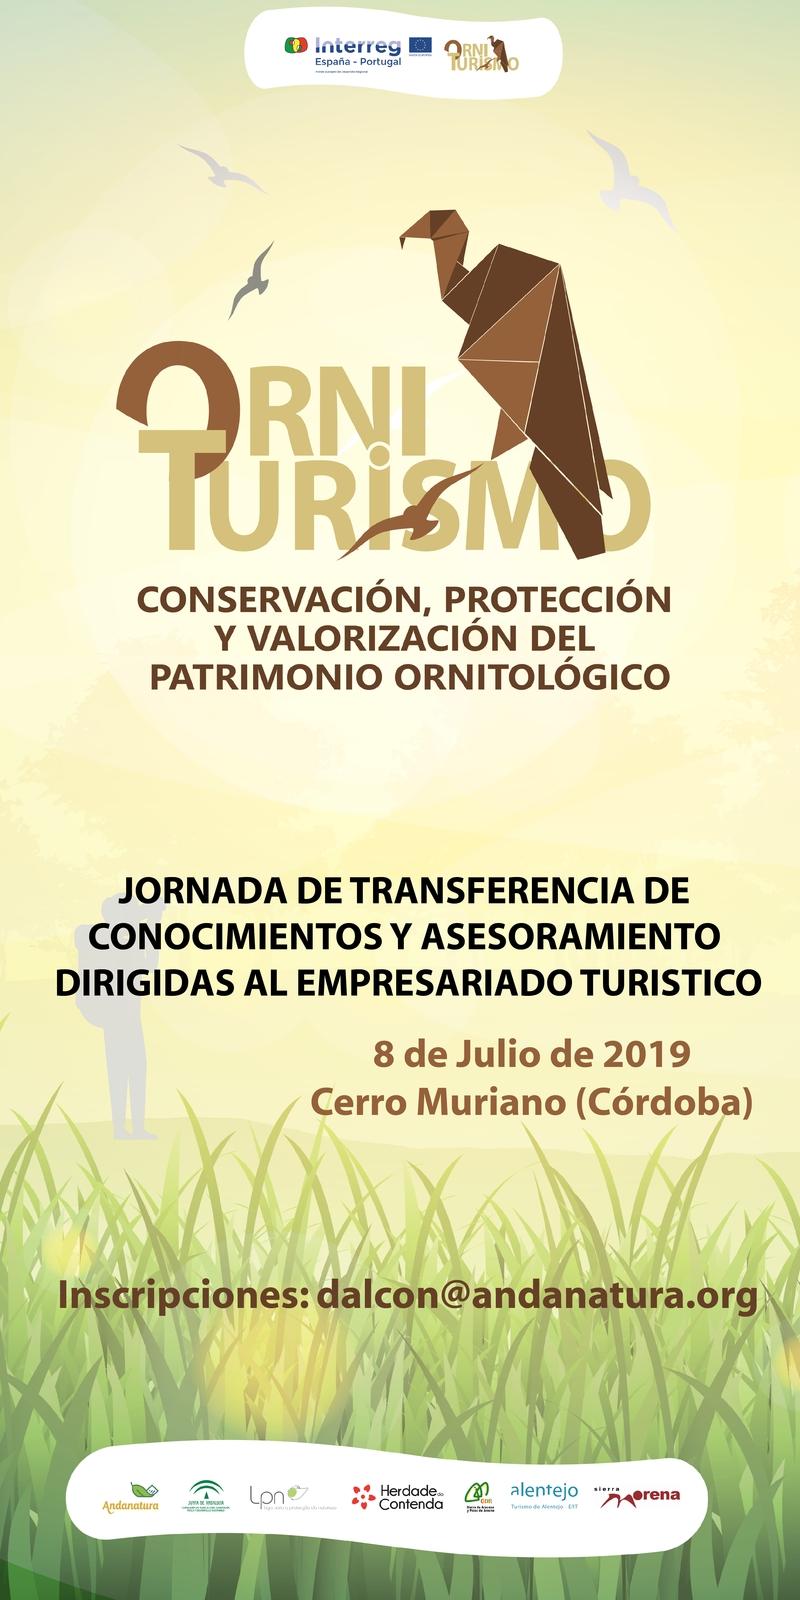 2ª Jornada de transferencia y Asesoramiento para las empresas turísticas (8 de Julio, Cerro Muriano)